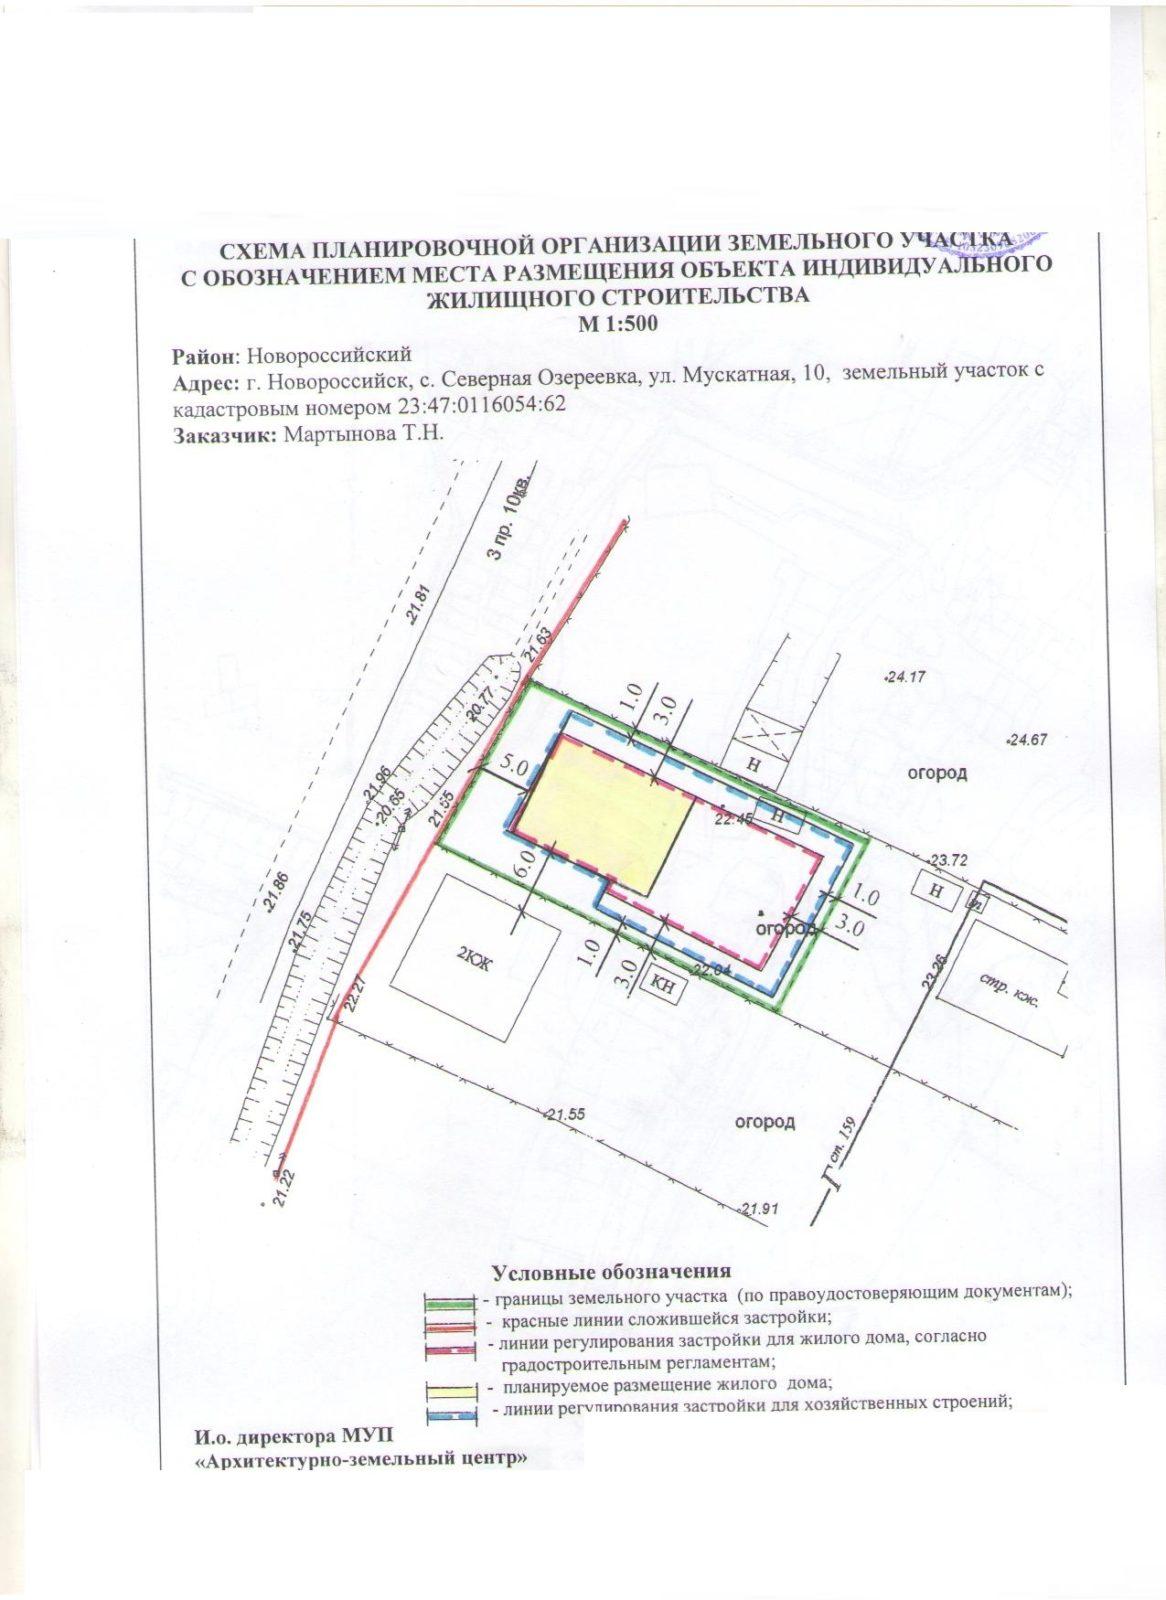 Схема планировки земельного участка фото 582